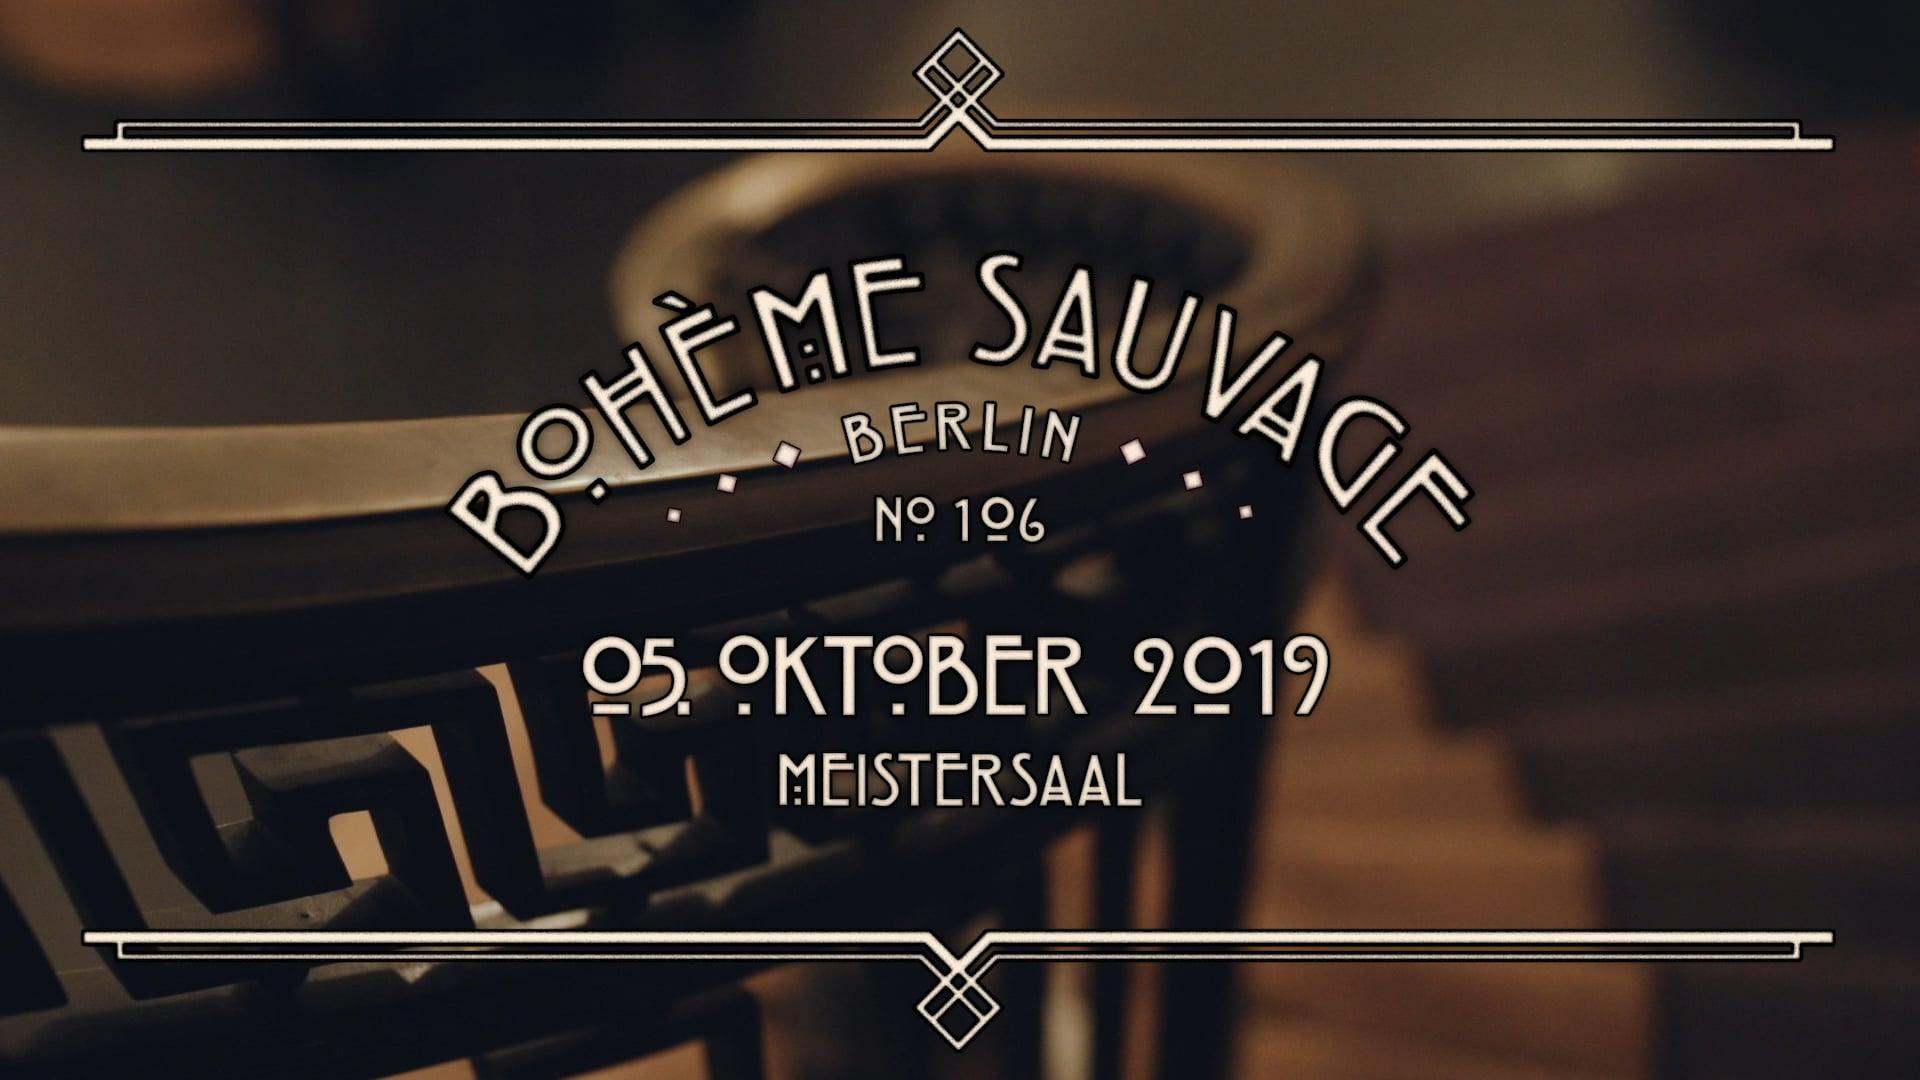 Bohème Sauvage Berlin Nº106 - 05. Oktober 2019 - Meistersaal